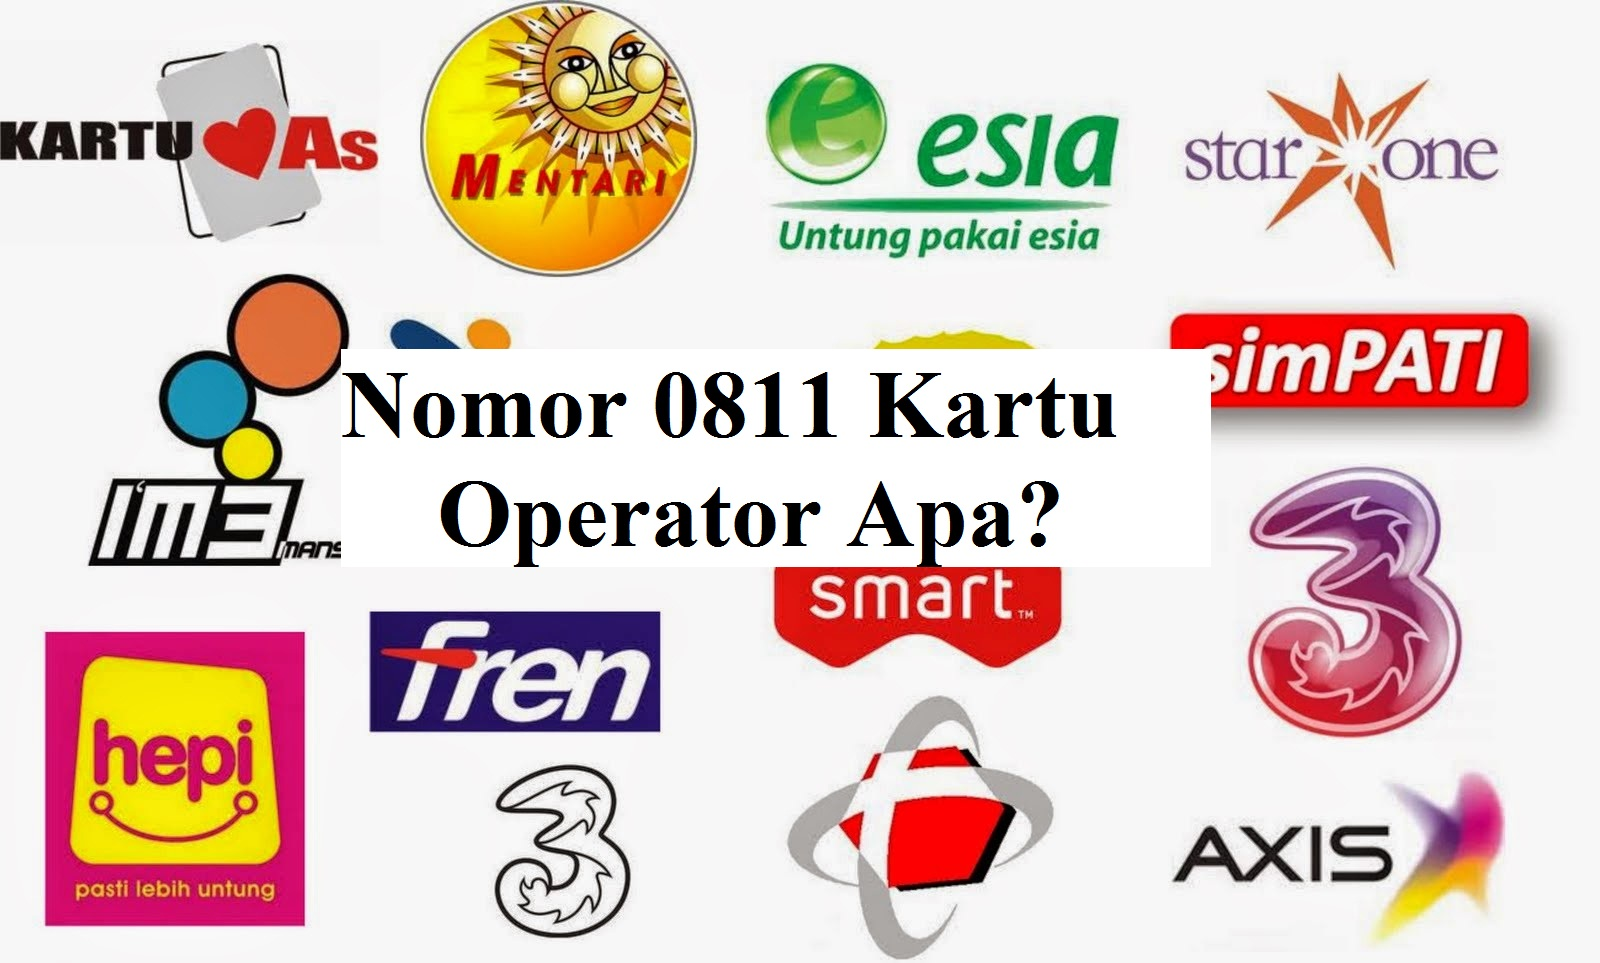 Nomor 0811 Kartu Operator Apa dan Daerah Mana?